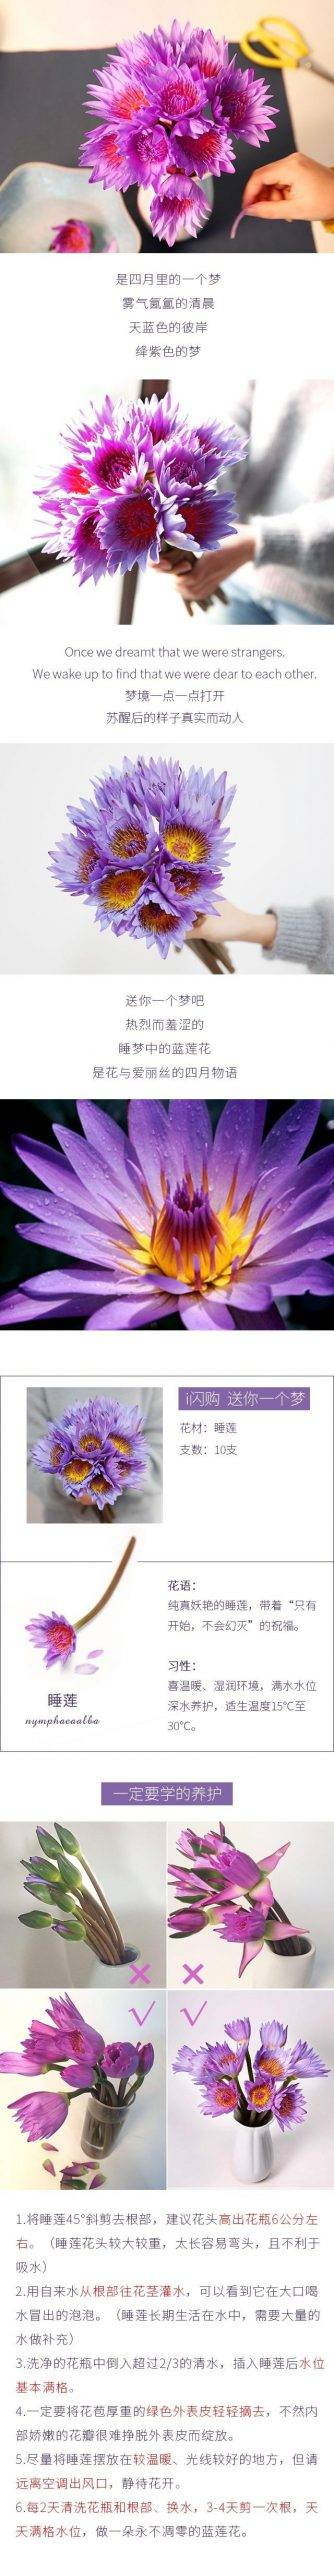 【气质女神】 | 气质女神紫睡莲,清纯脱俗